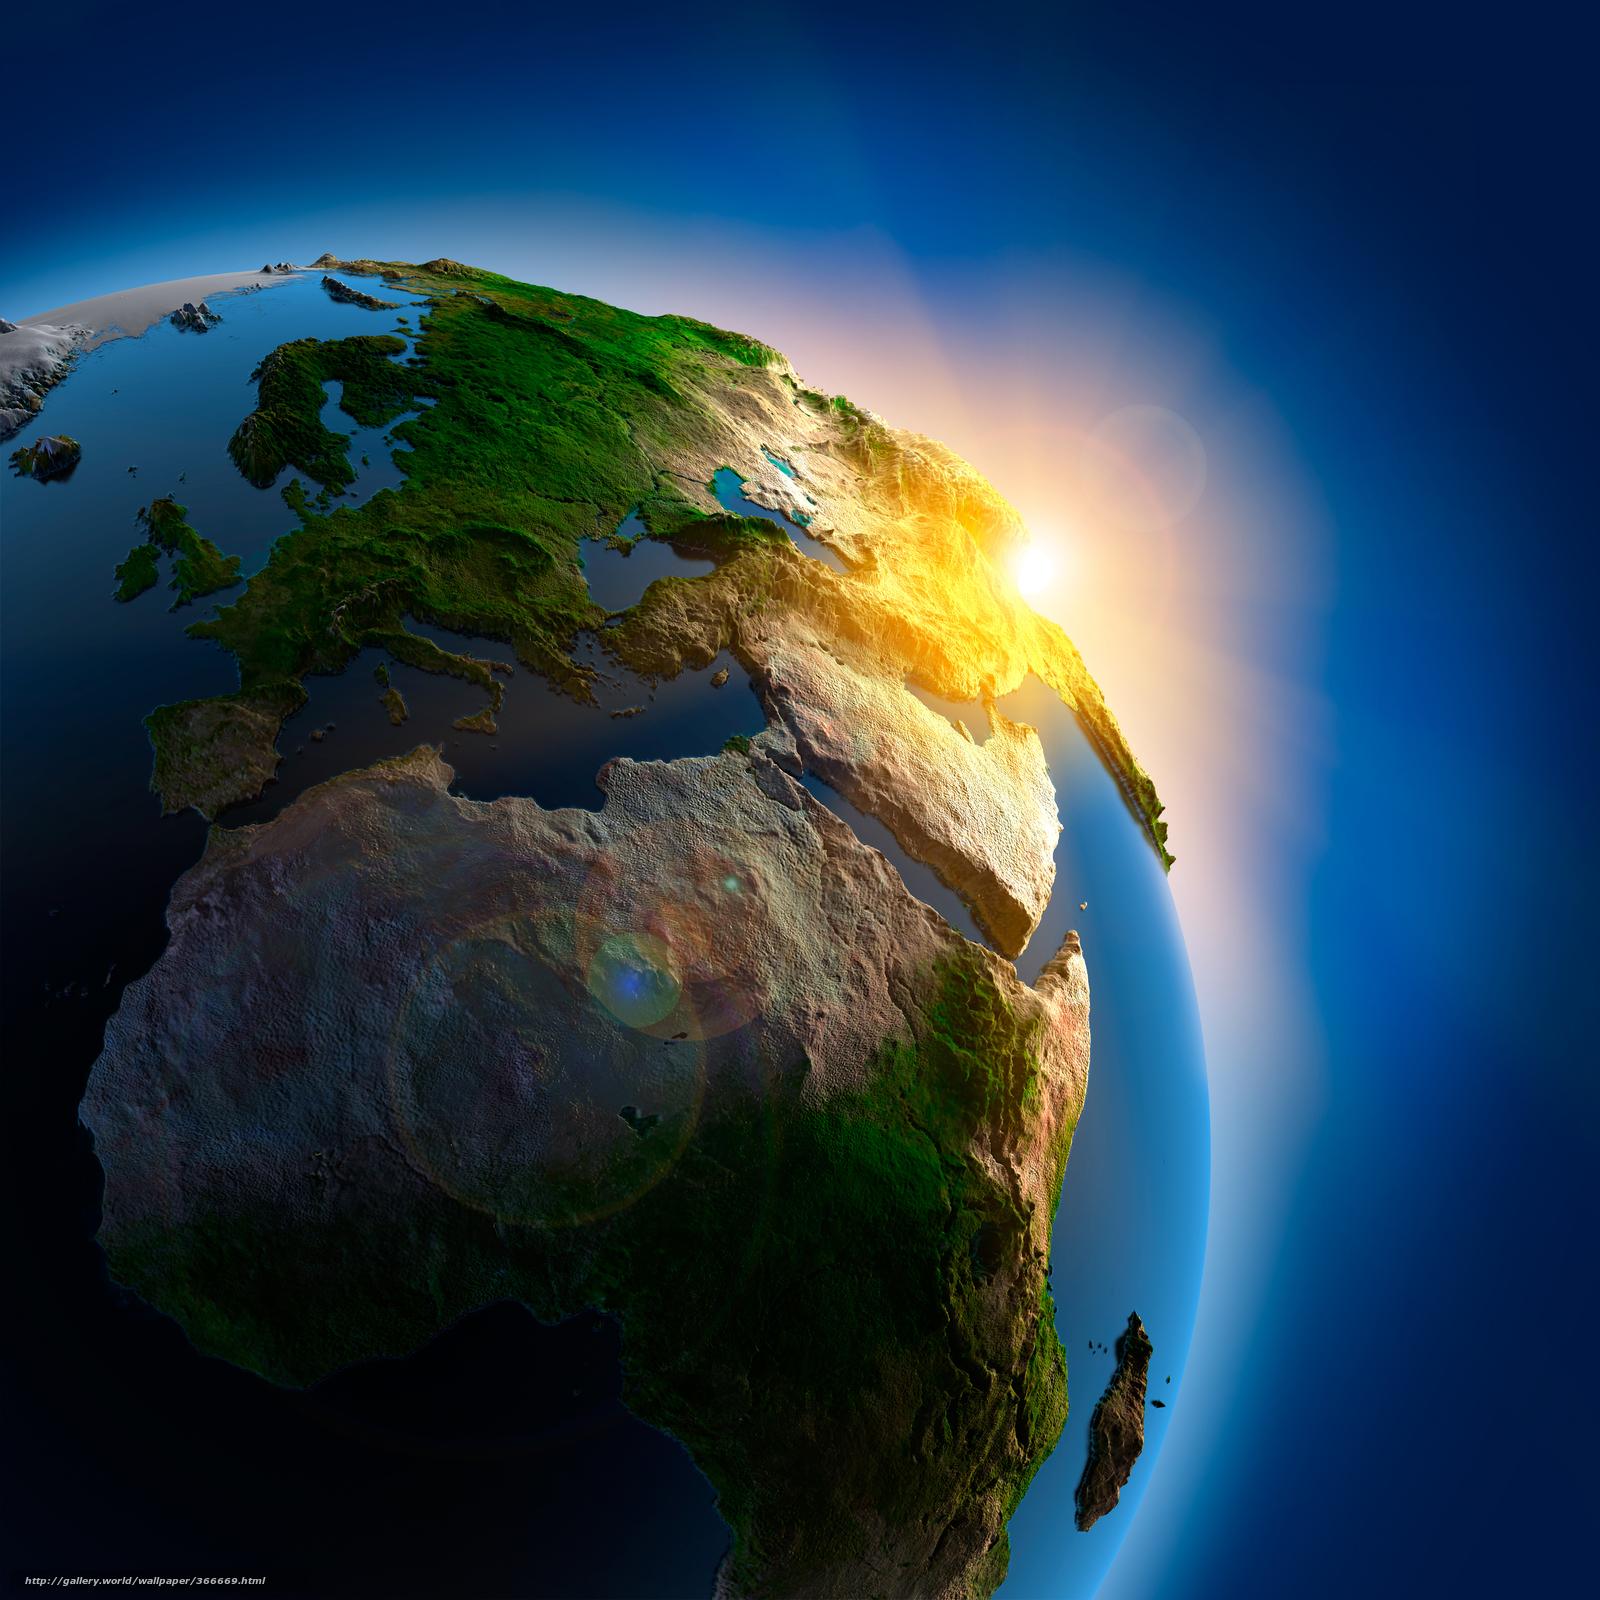 Скачать на телефон обои фото картинку на тему планета земля, космос, небо, горы, реки, море, океан, река, разширение 8100x8100